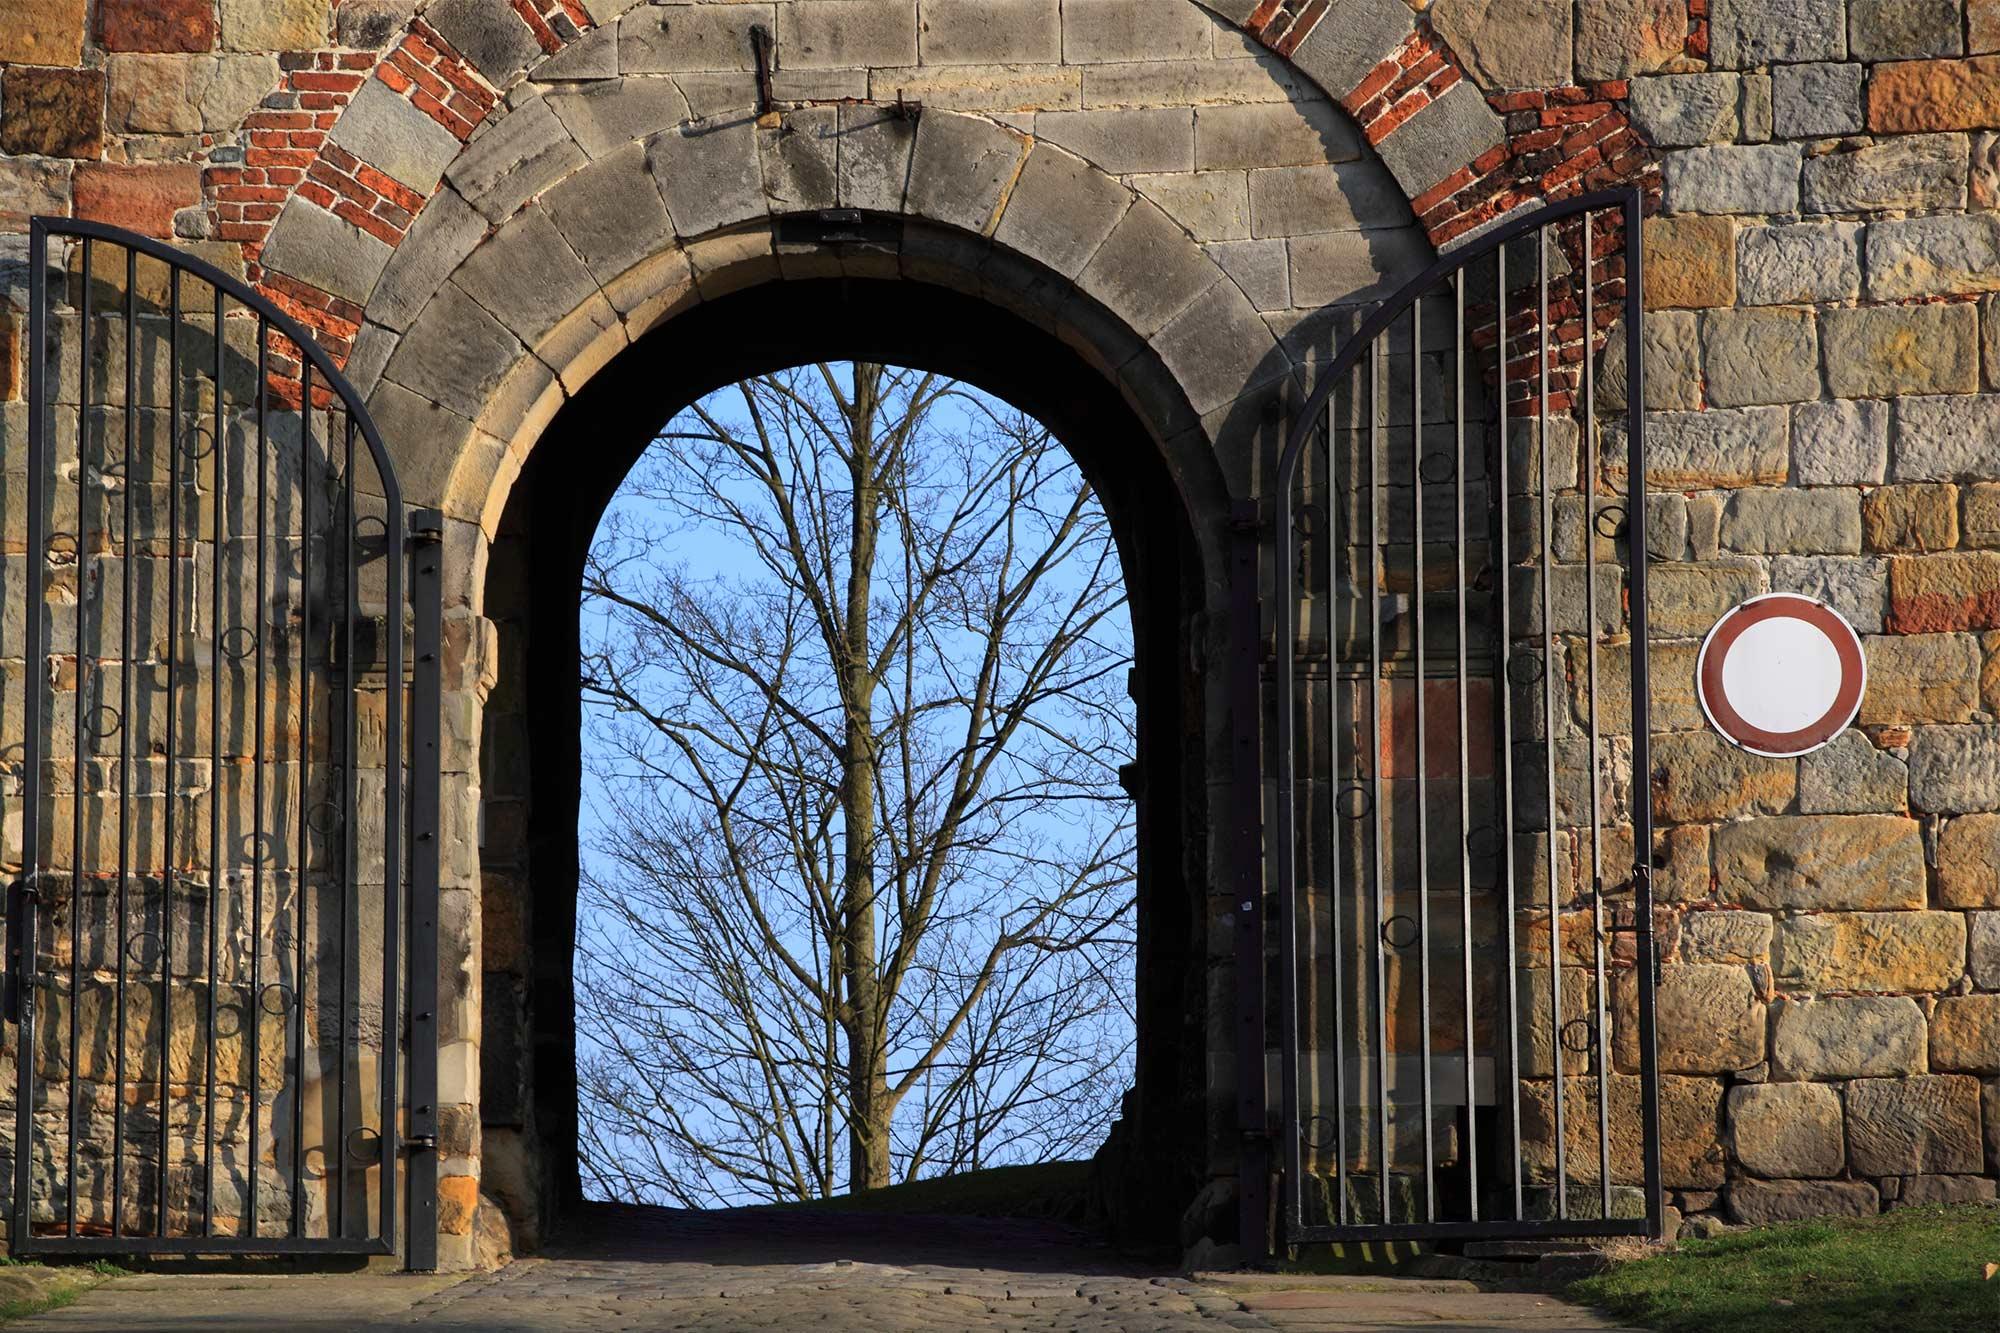 Unteres Tor an der Auffahrt zur Burg Bentheim ©Thomas Wallmeyer